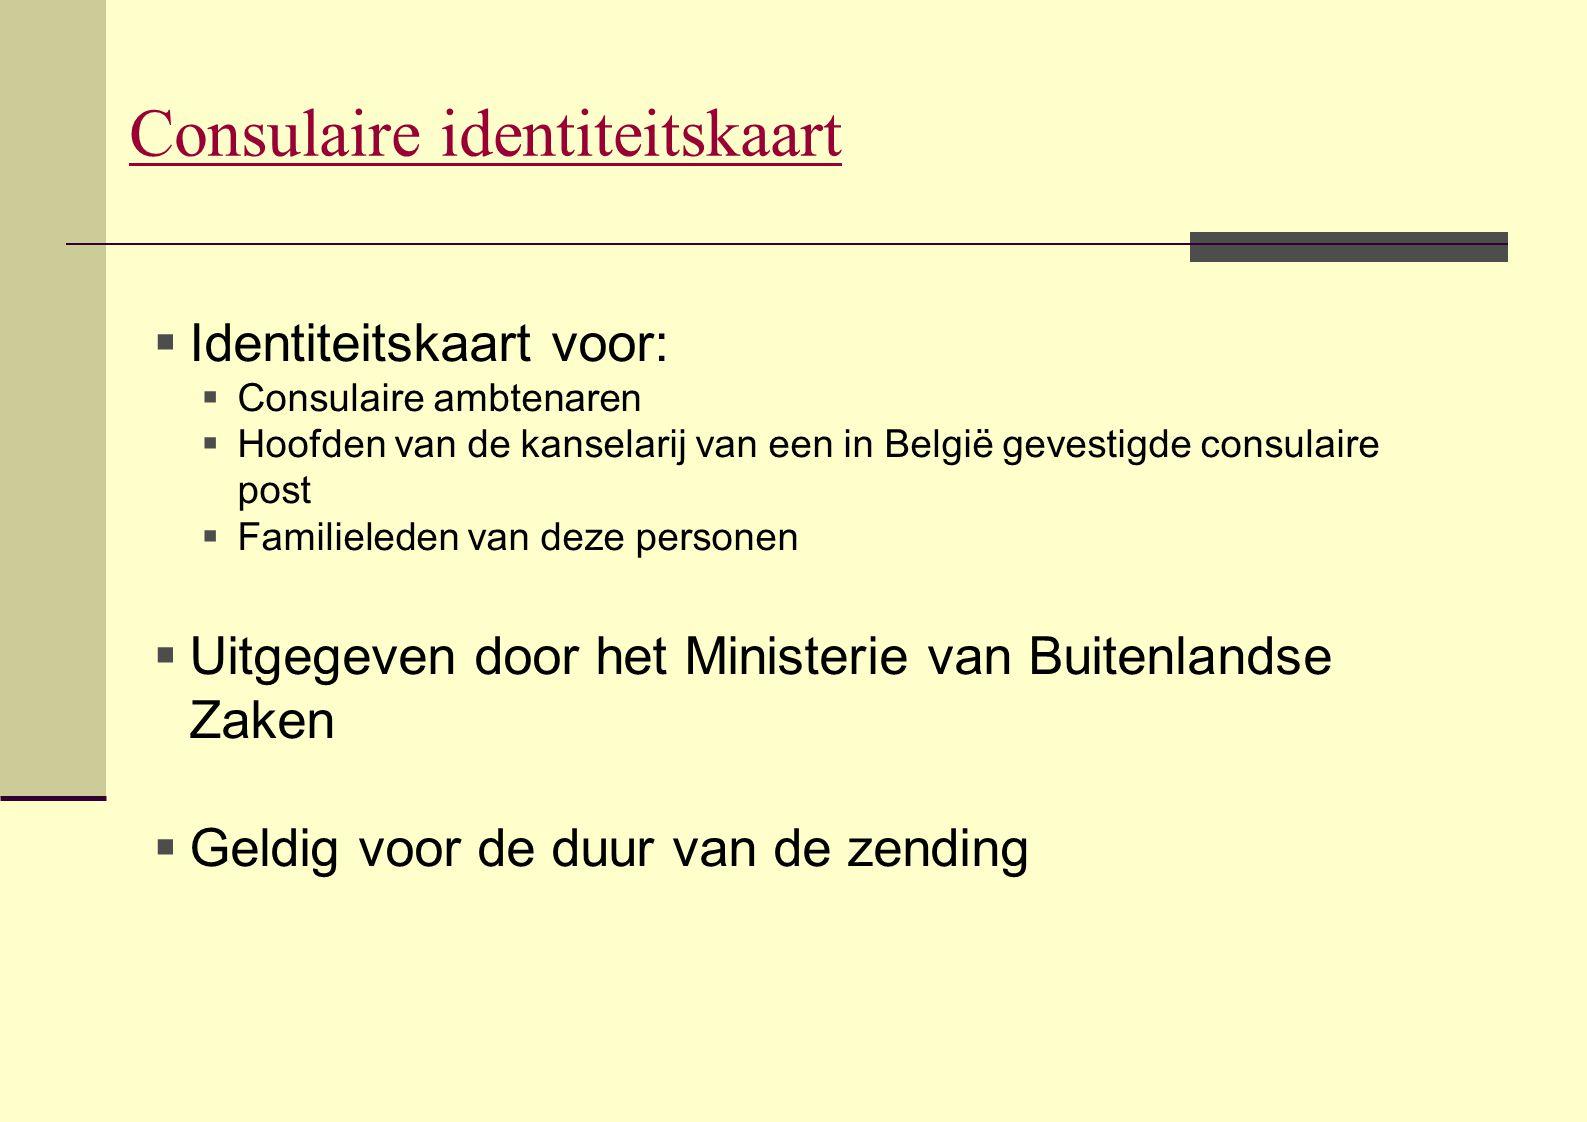  Identiteitskaart voor:  Consulaire ambtenaren  Hoofden van de kanselarij van een in België gevestigde consulaire post  Familieleden van deze pers